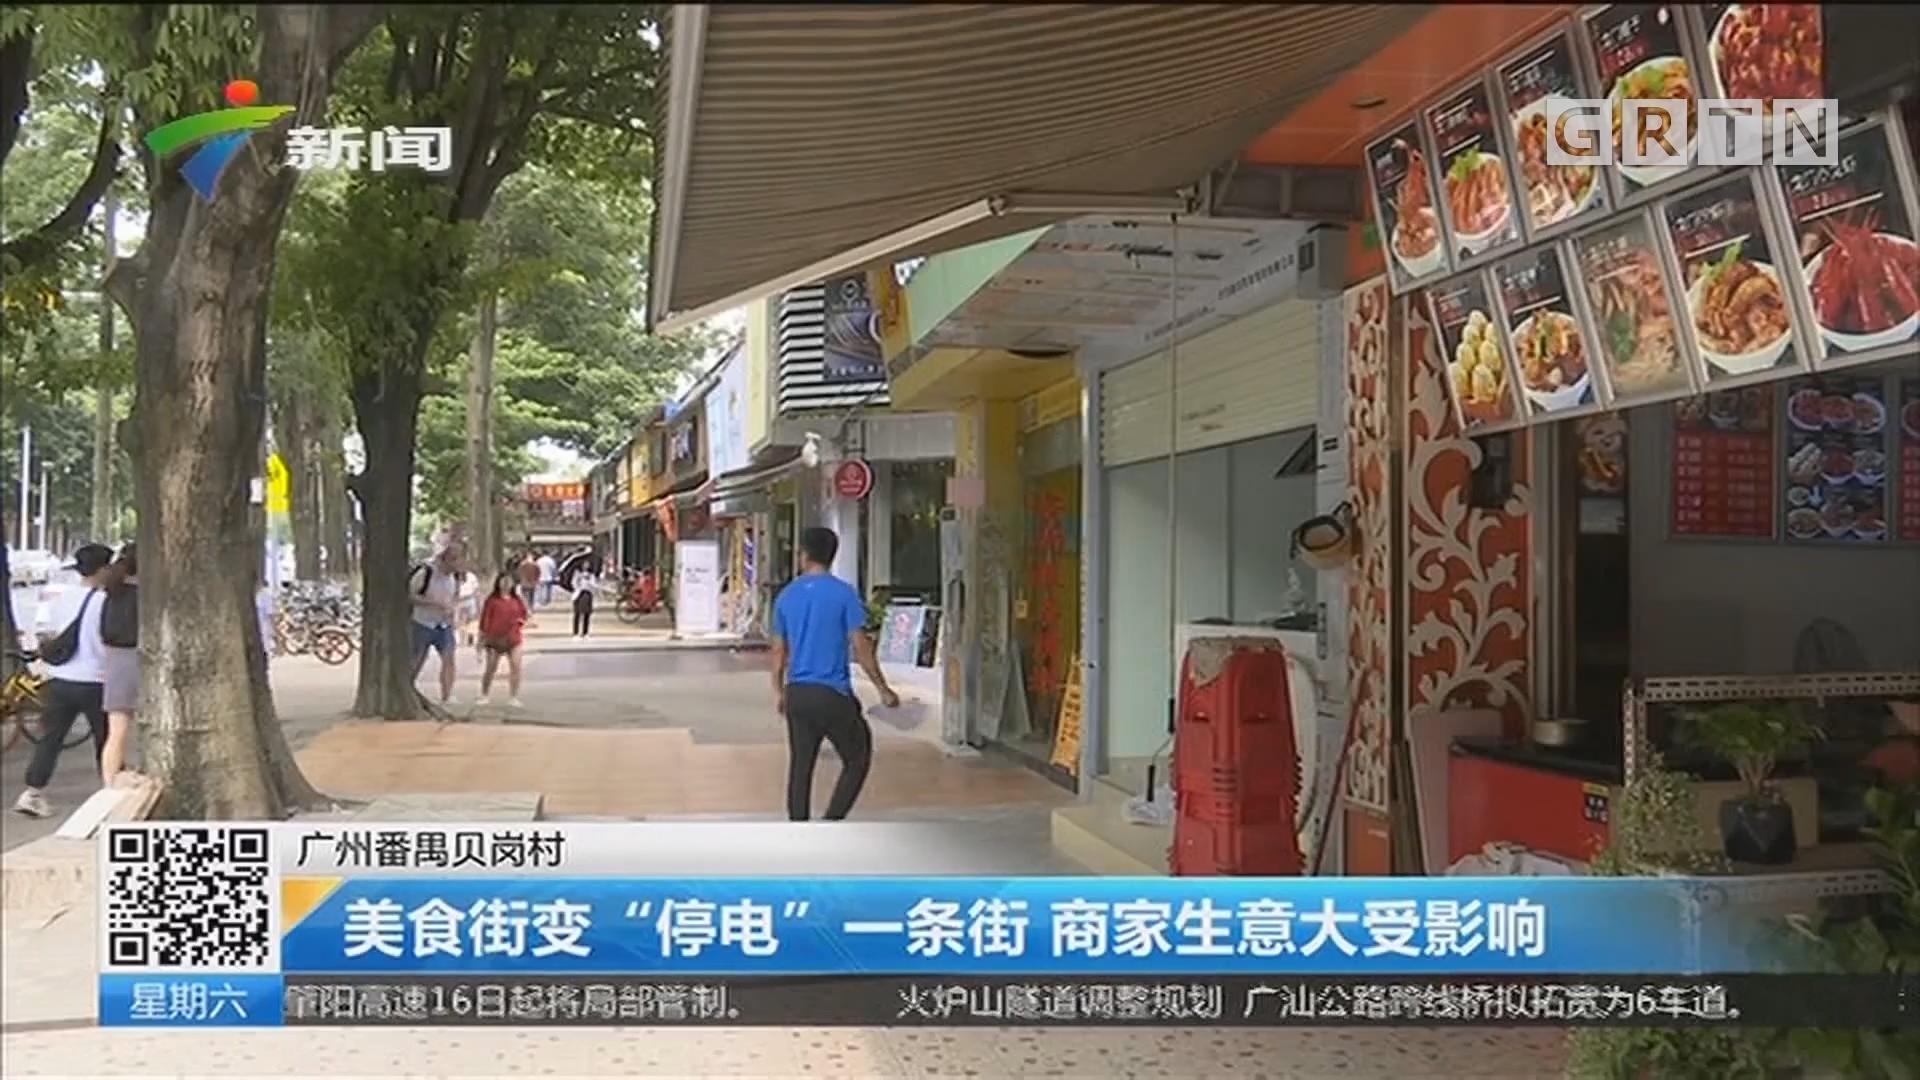 """广州番禺贝岗村:美食街变""""停电""""一条街 商家生意大受影响"""